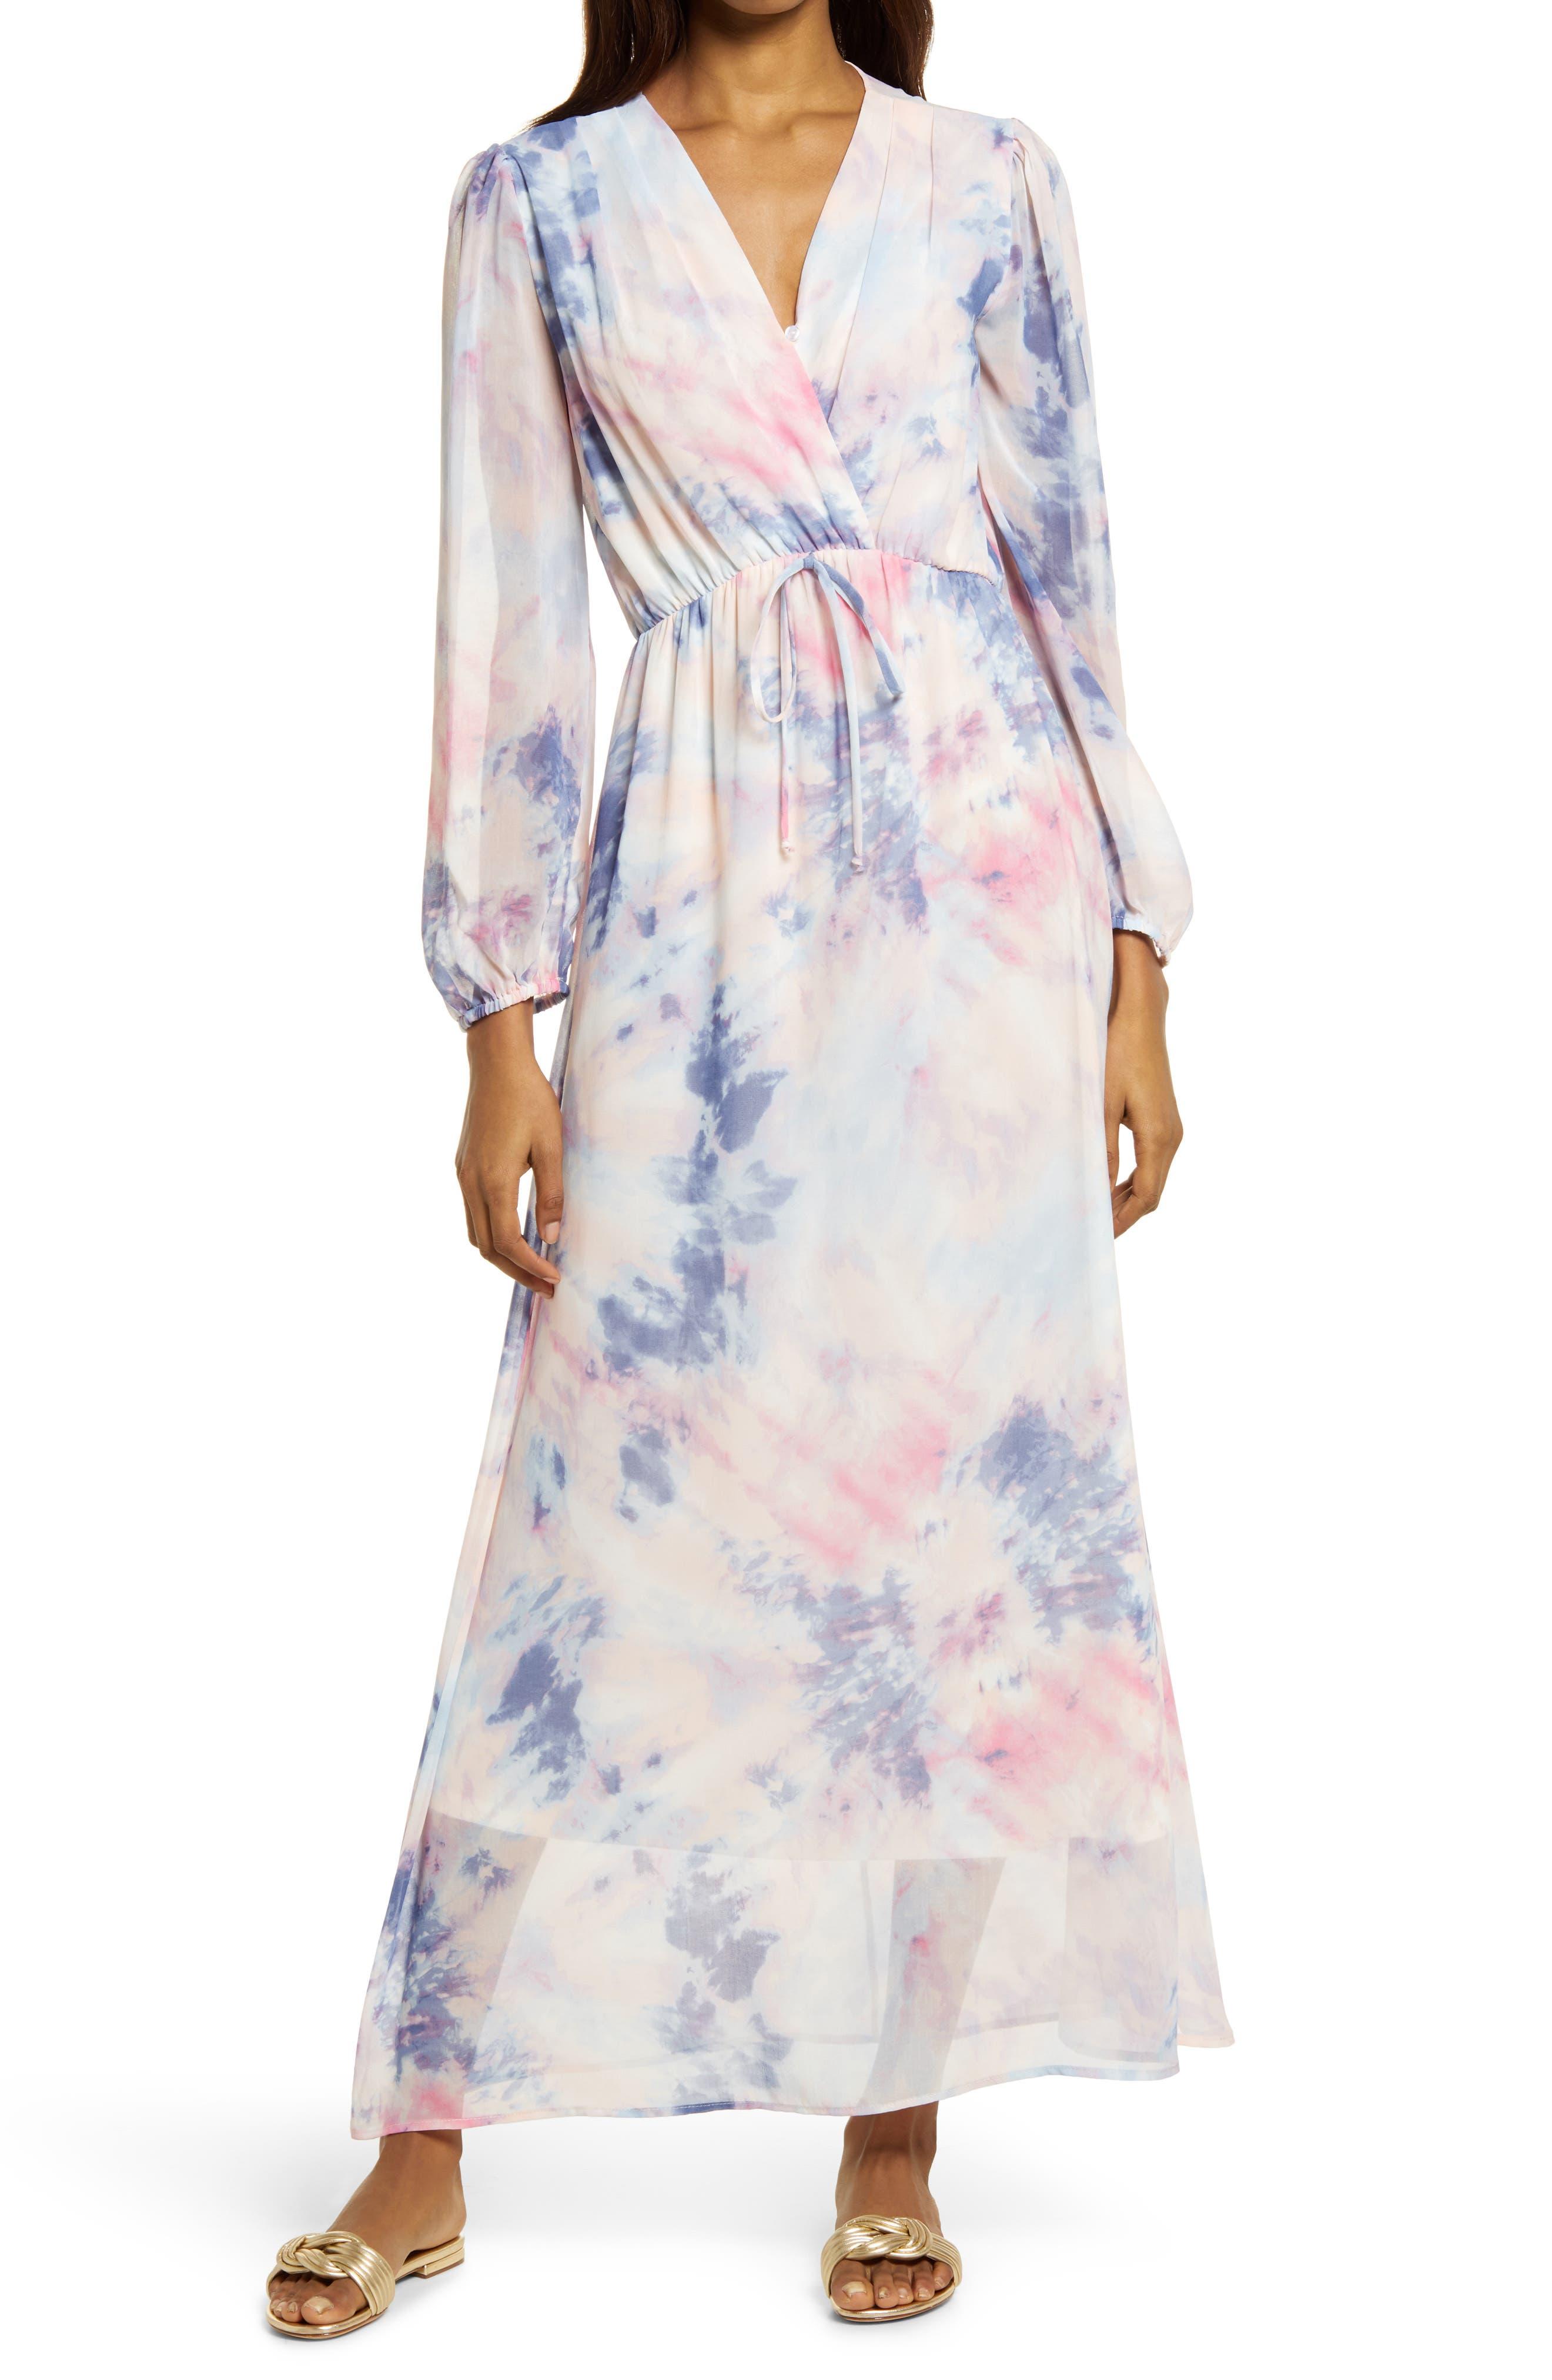 Tie Dye Long Sleeve Dress